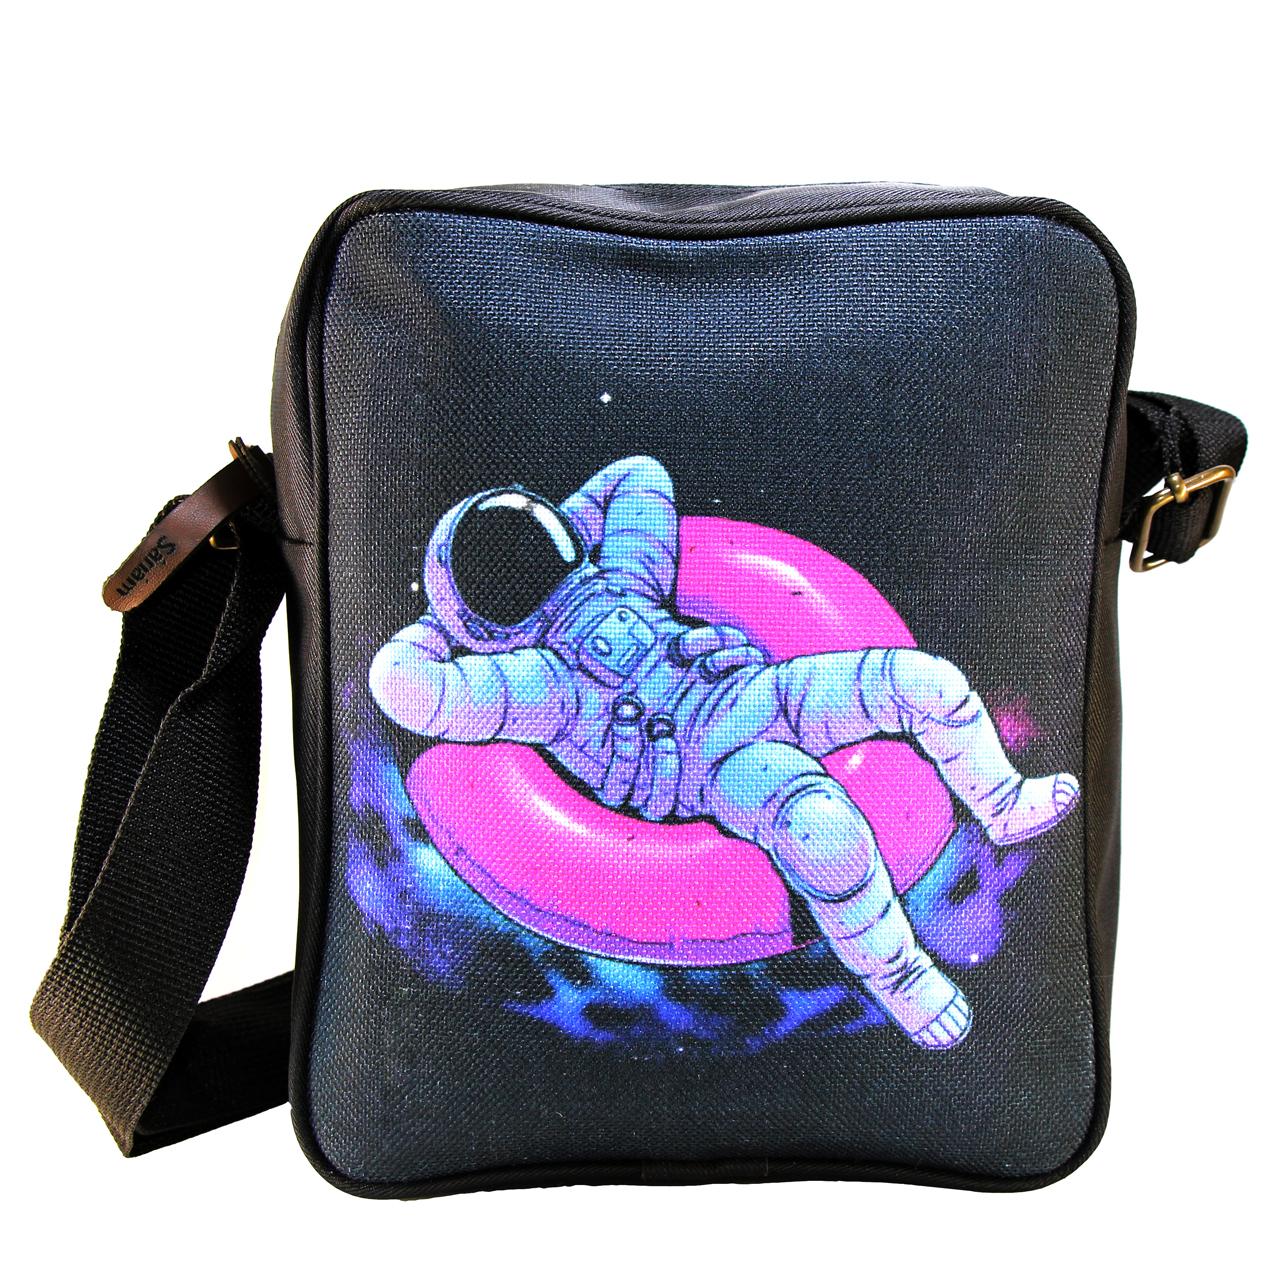 خرید                      کیف رو دوشی صنم مدل فضانورد کد 01